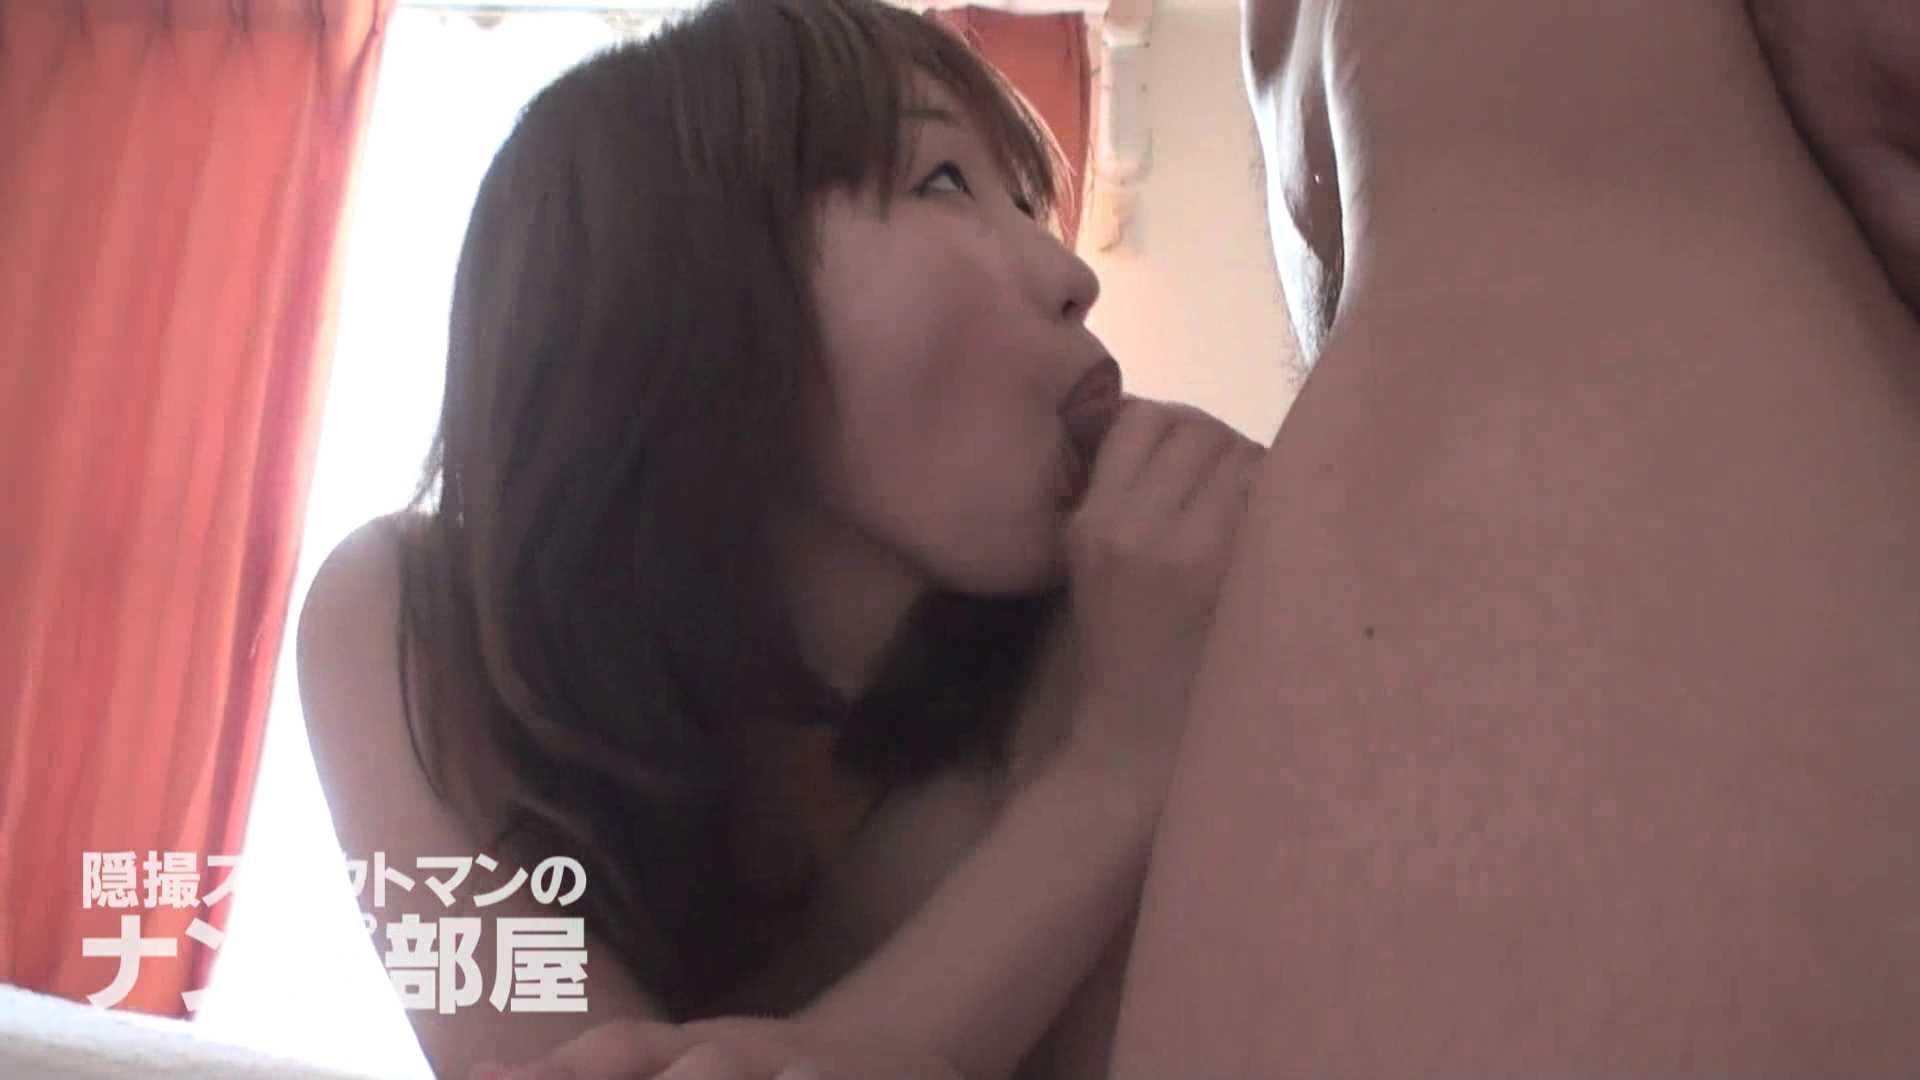 隠撮スカウトマンのナンパ部屋~風俗デビュー前のつまみ食い~ siivol.4 SEX 女性器鑑賞 91pic 63